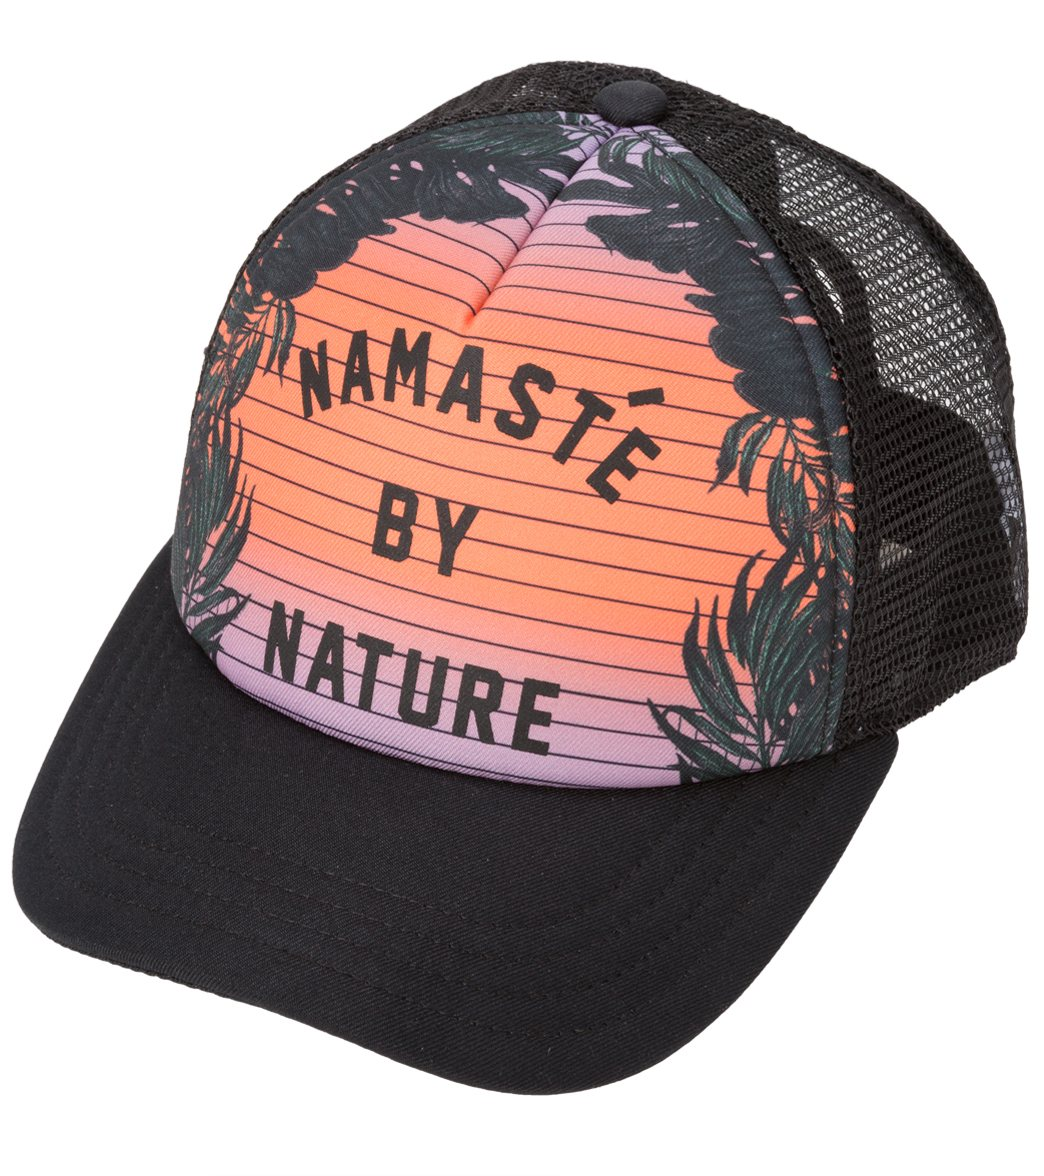 7ee93303f5404 Hurley Namaste Trucker Hat at SwimOutlet.com